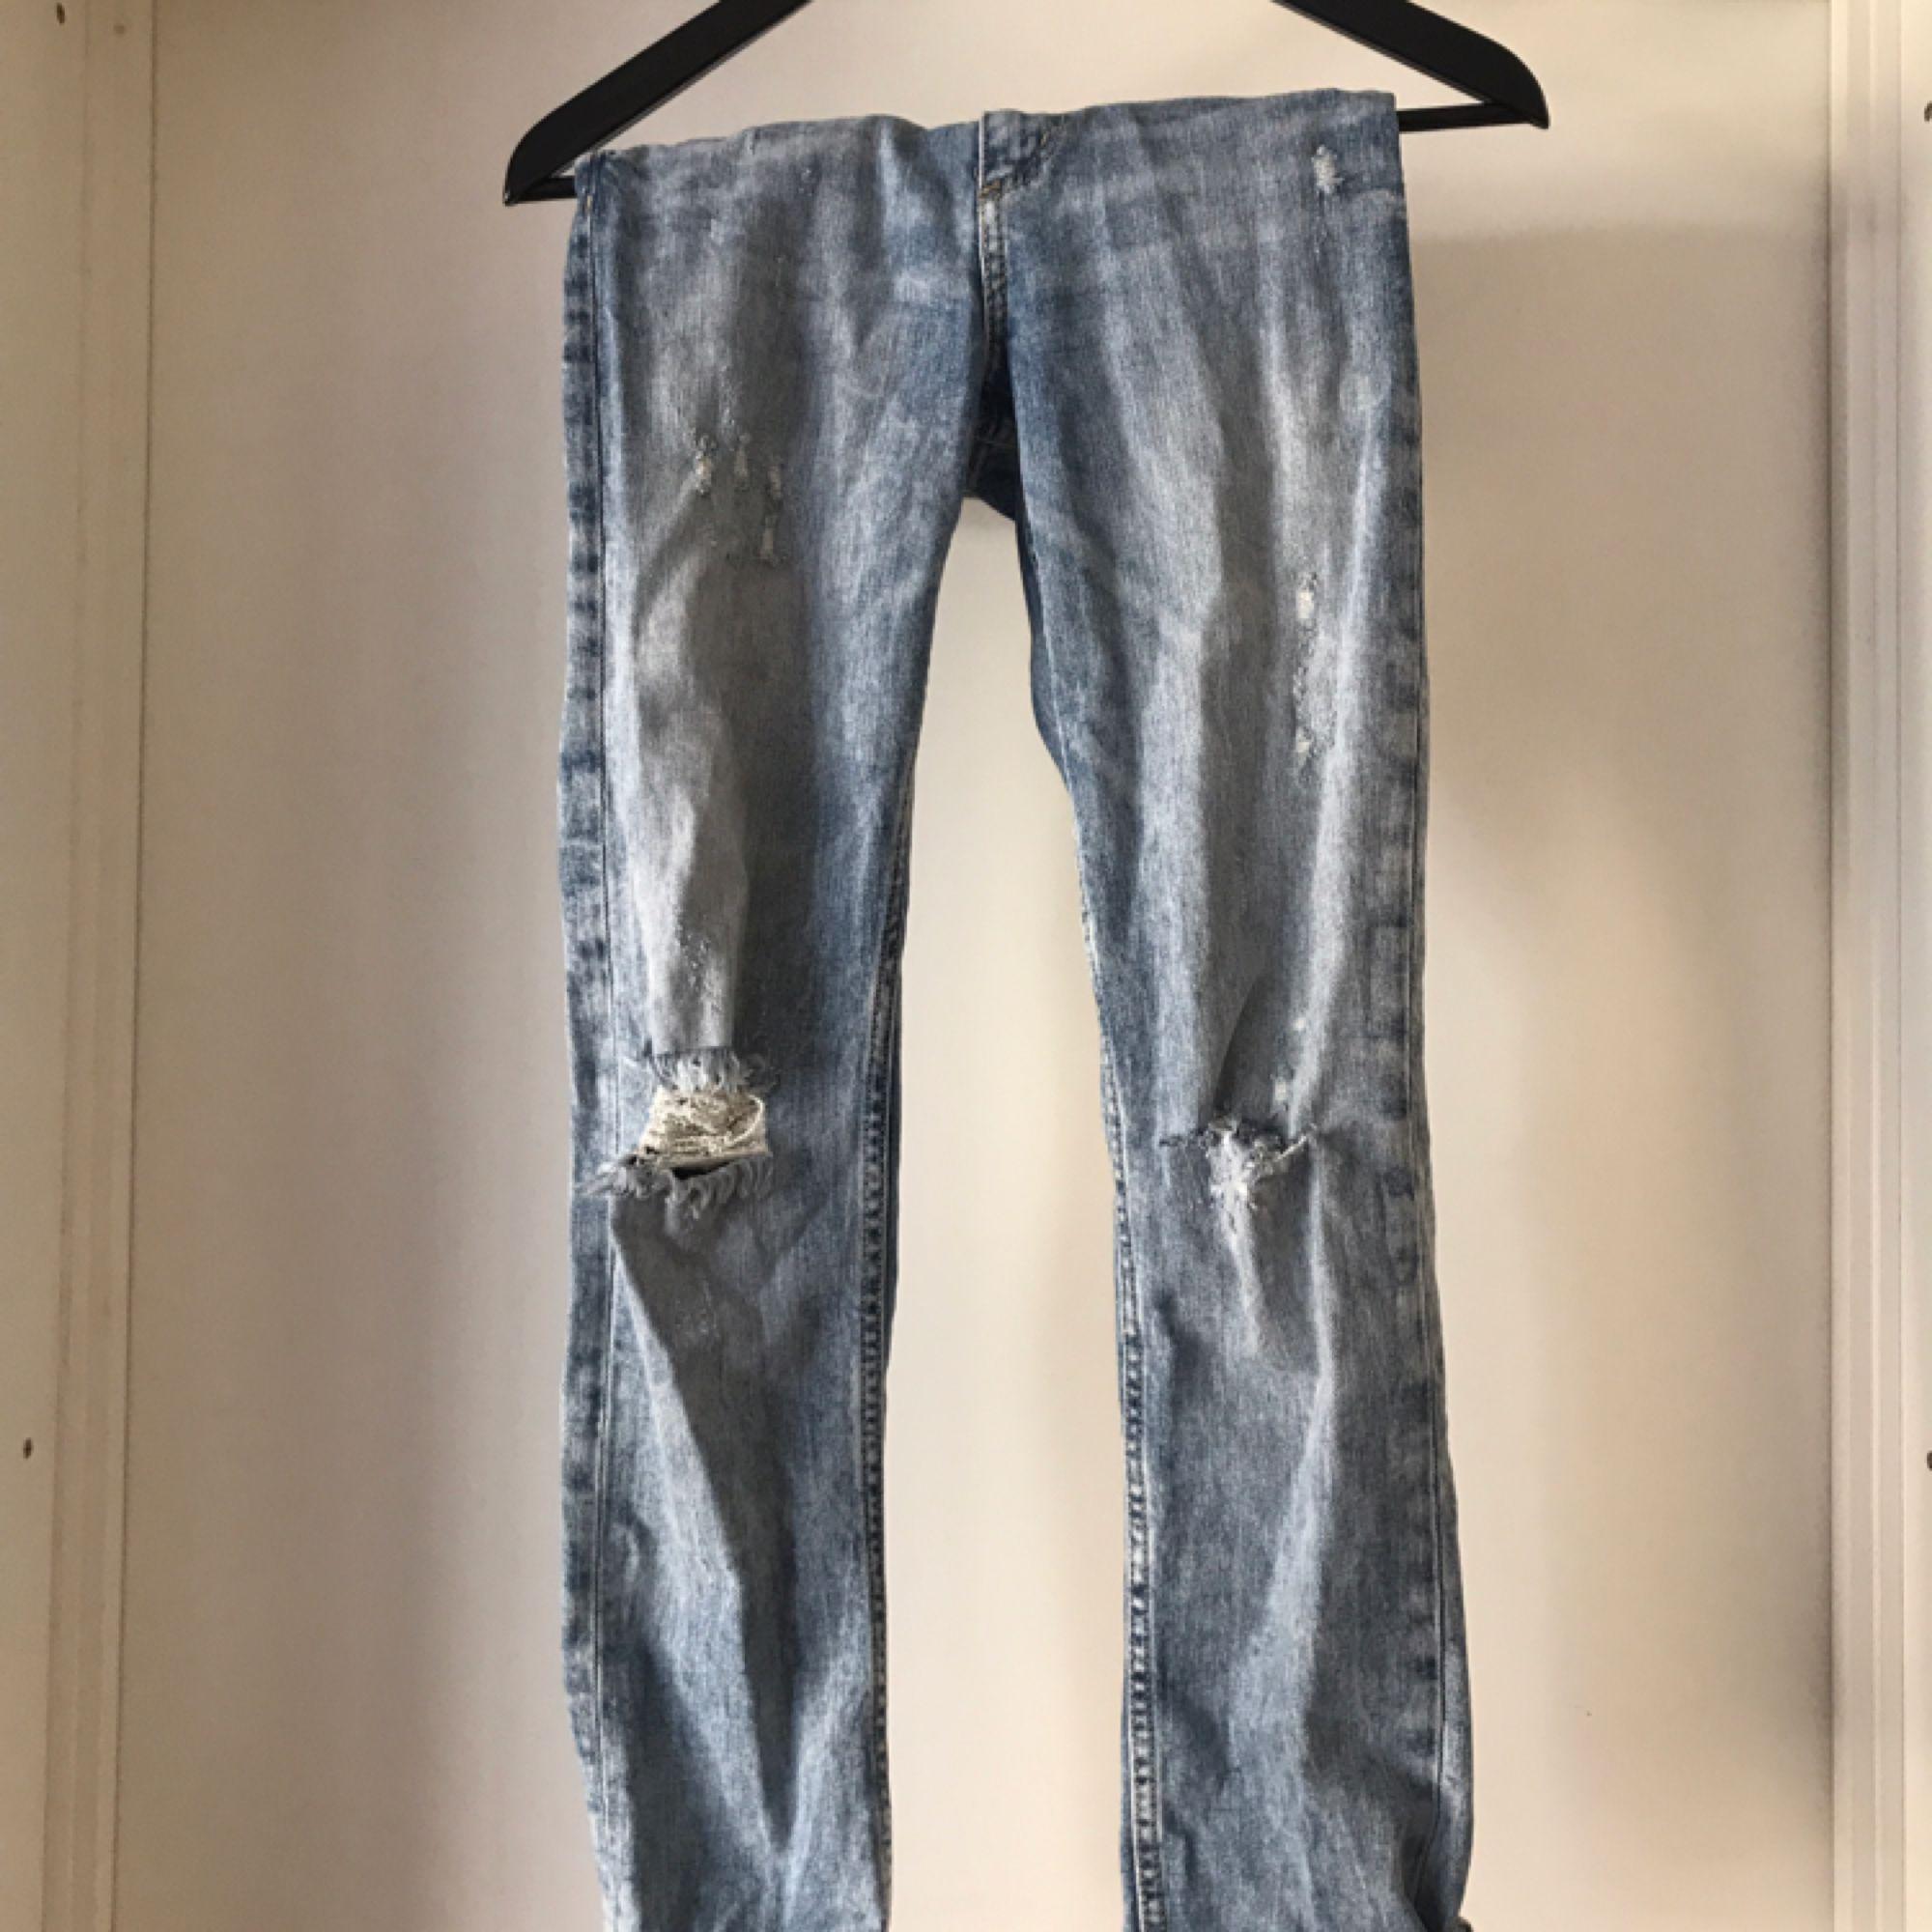 High waist slitna jeans i storlek 25/30. Använda en gång. Mycket fint skick. Kan mötas i Norrköping annars står köparen för frakten.. Jeans & Byxor.